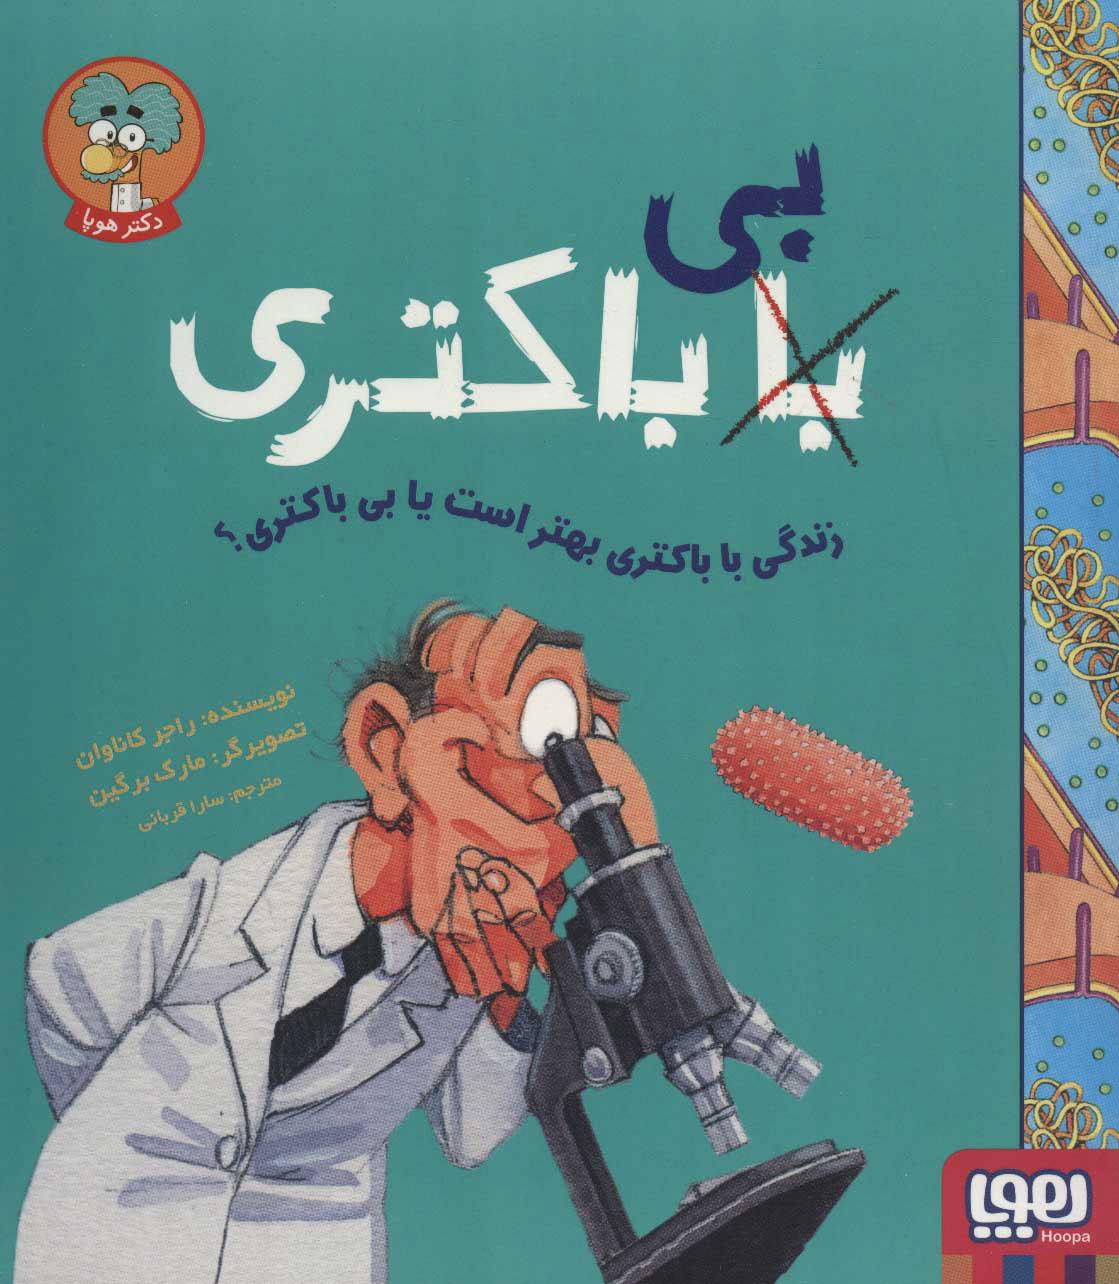 کتاب زندگی با باکتری بهتر است یا بی باکتری؟